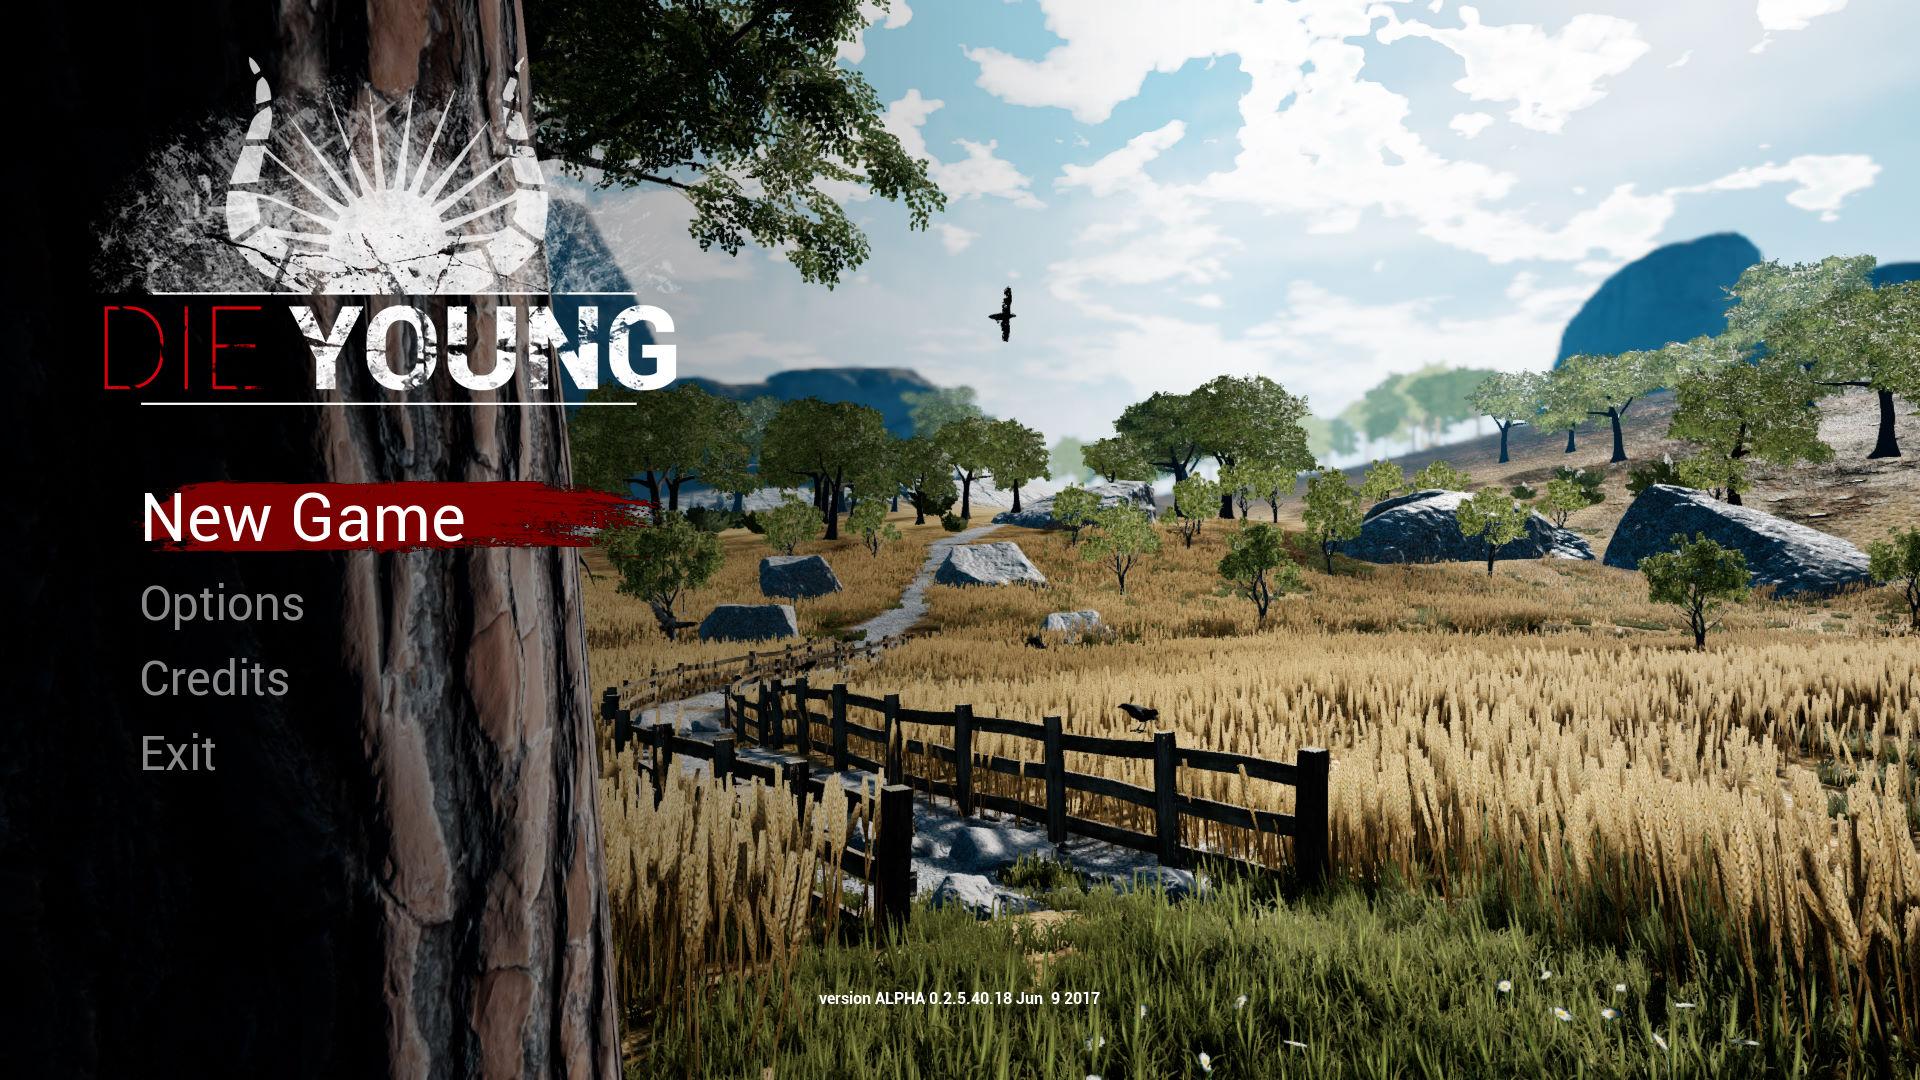 Скриншоты к Die Young v0.4.5.282.18 - игра на русском языке